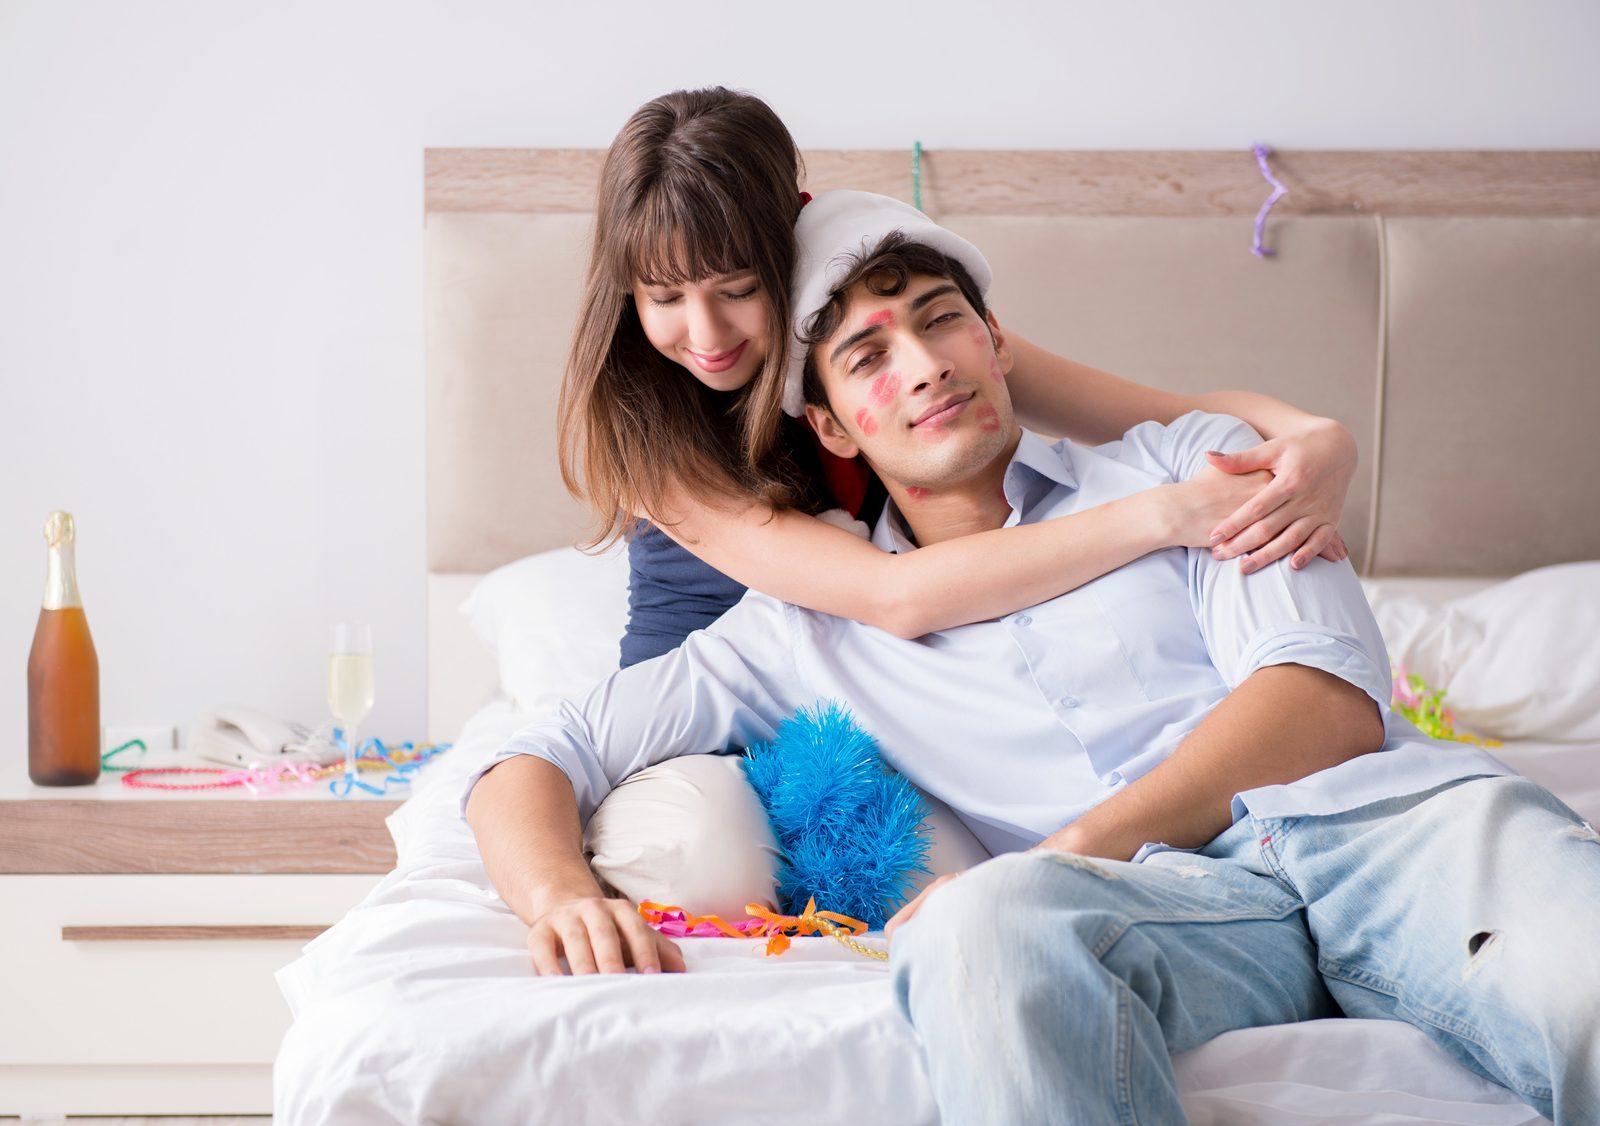 彼とのベッドがマンネリ化…40代独女に試して欲しいこと5つ